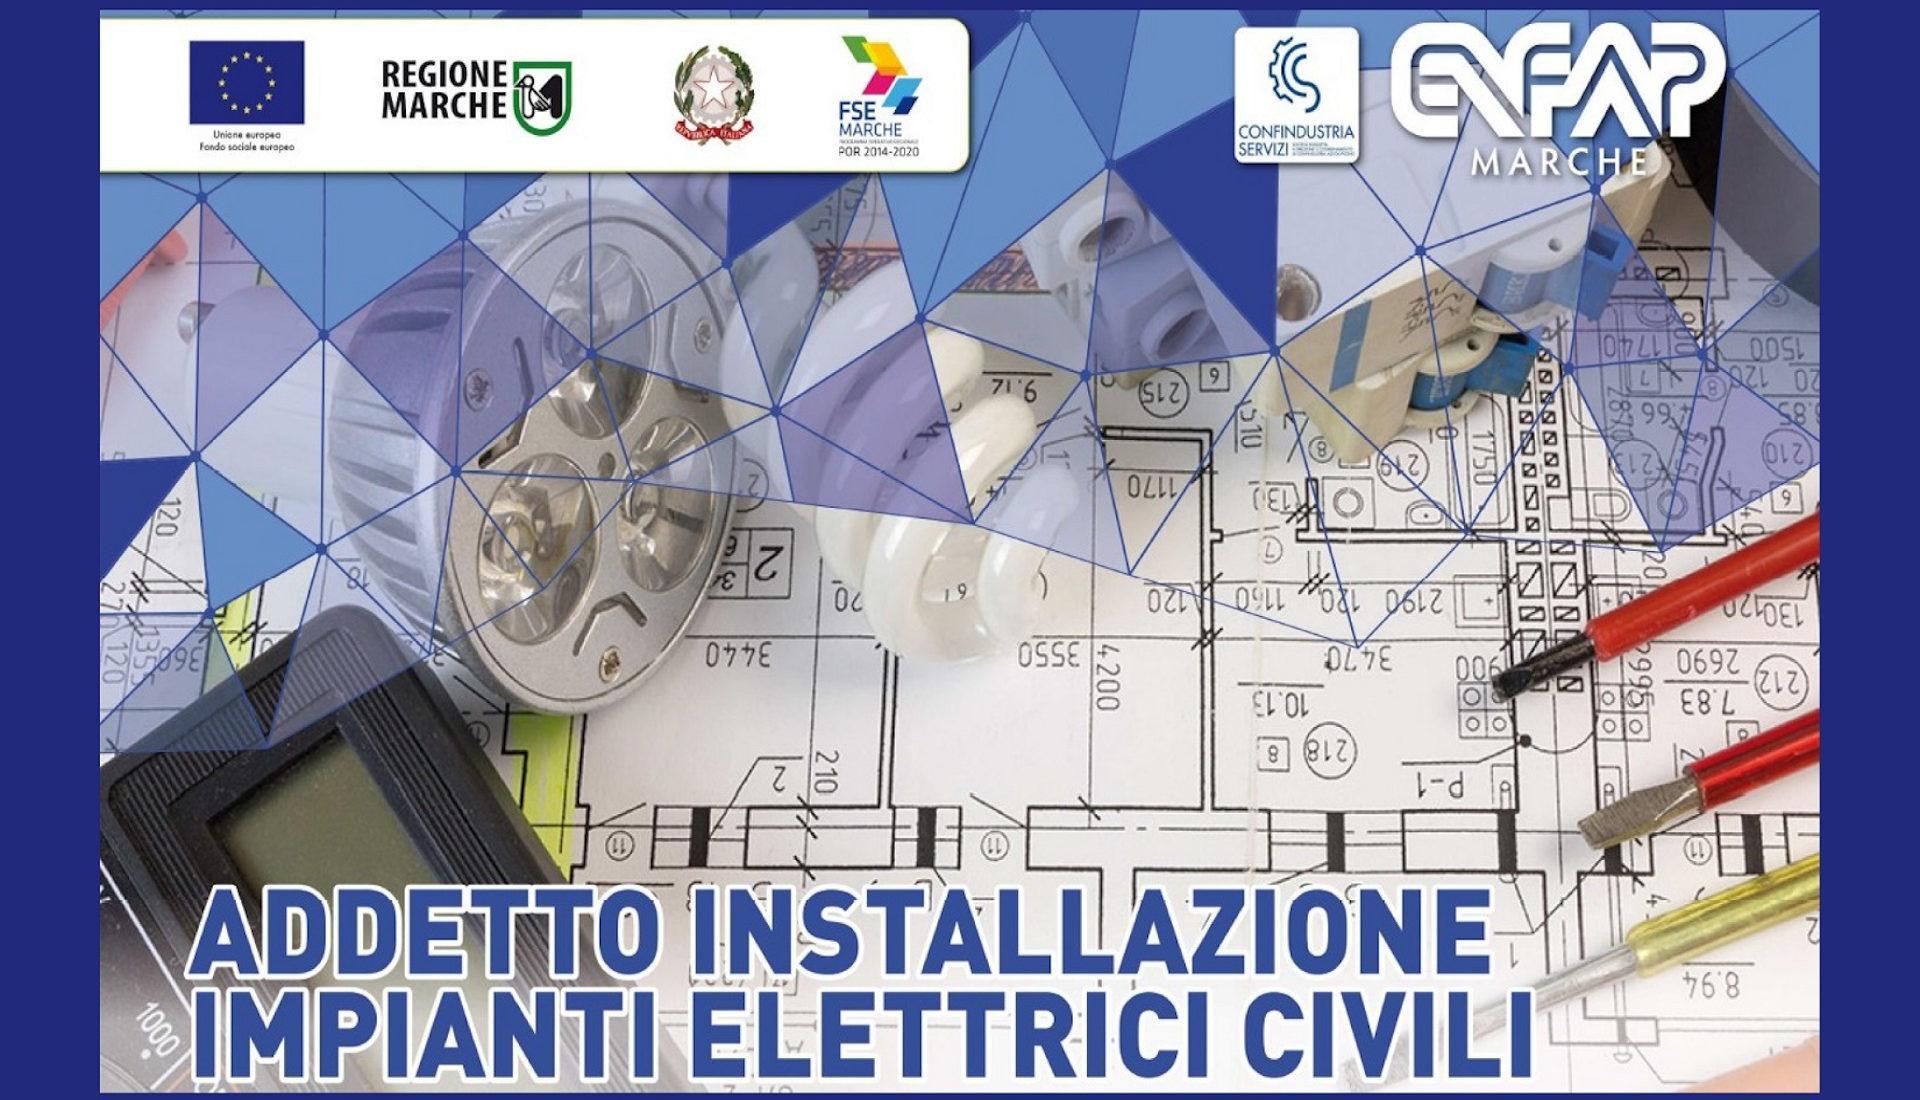 Addetto installazione impianti elettrici civili